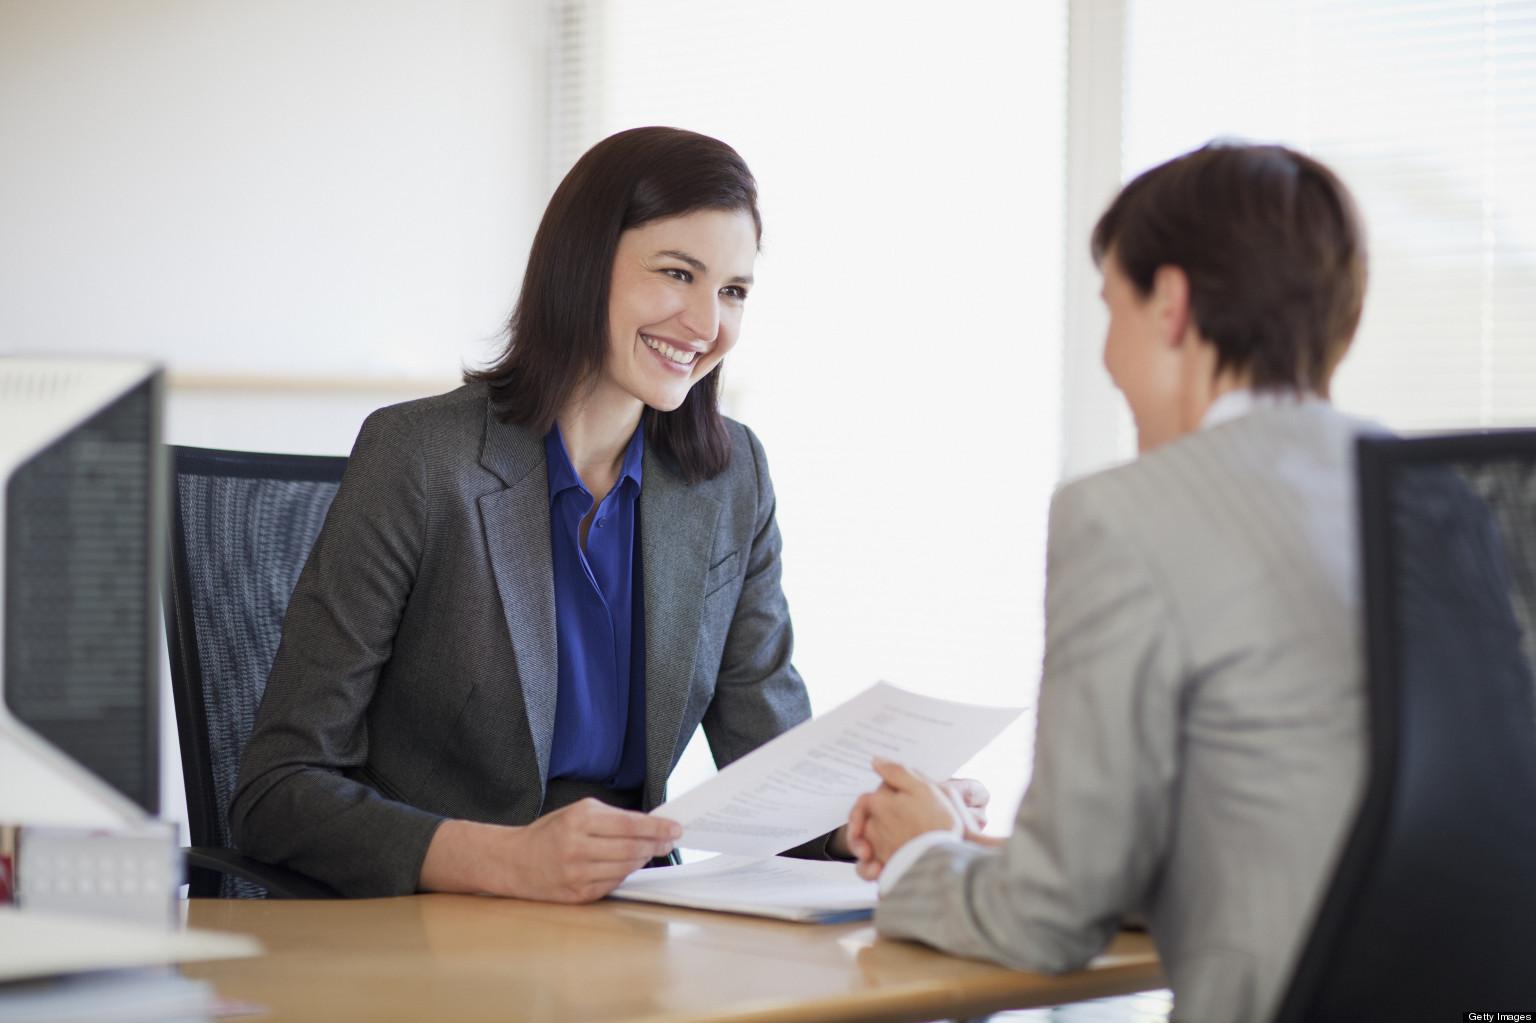 Jika Diterima, Berapa Lama Anda Akan Bekerja Di Perusahaan Ini?